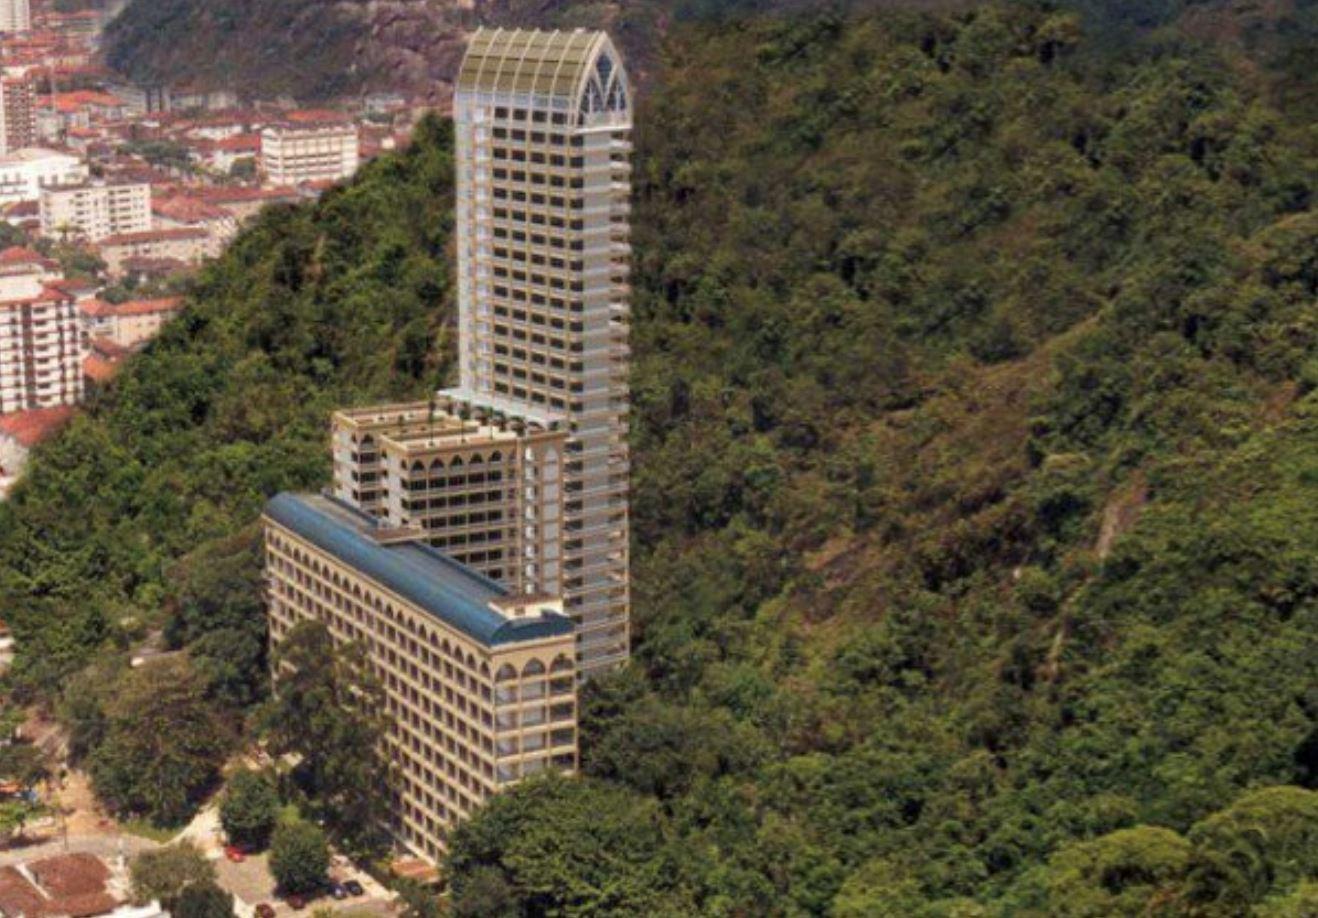 kubur paling tinggi di dunia dengan permandangan tepi bukit yang cantik